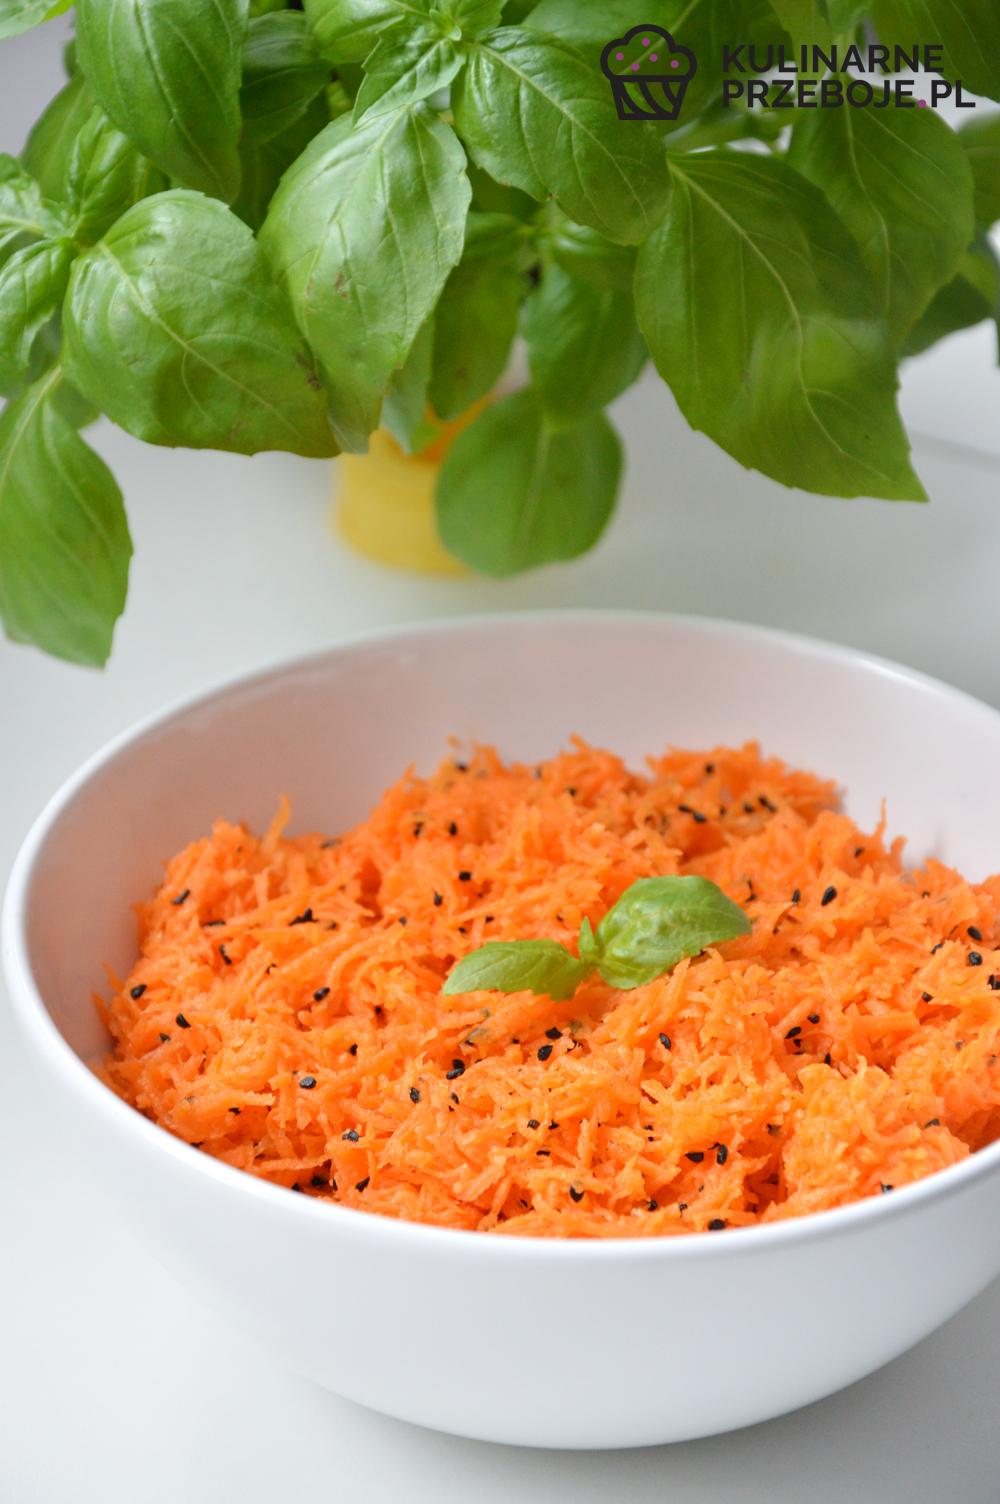 surówka do obiadu z marchewka